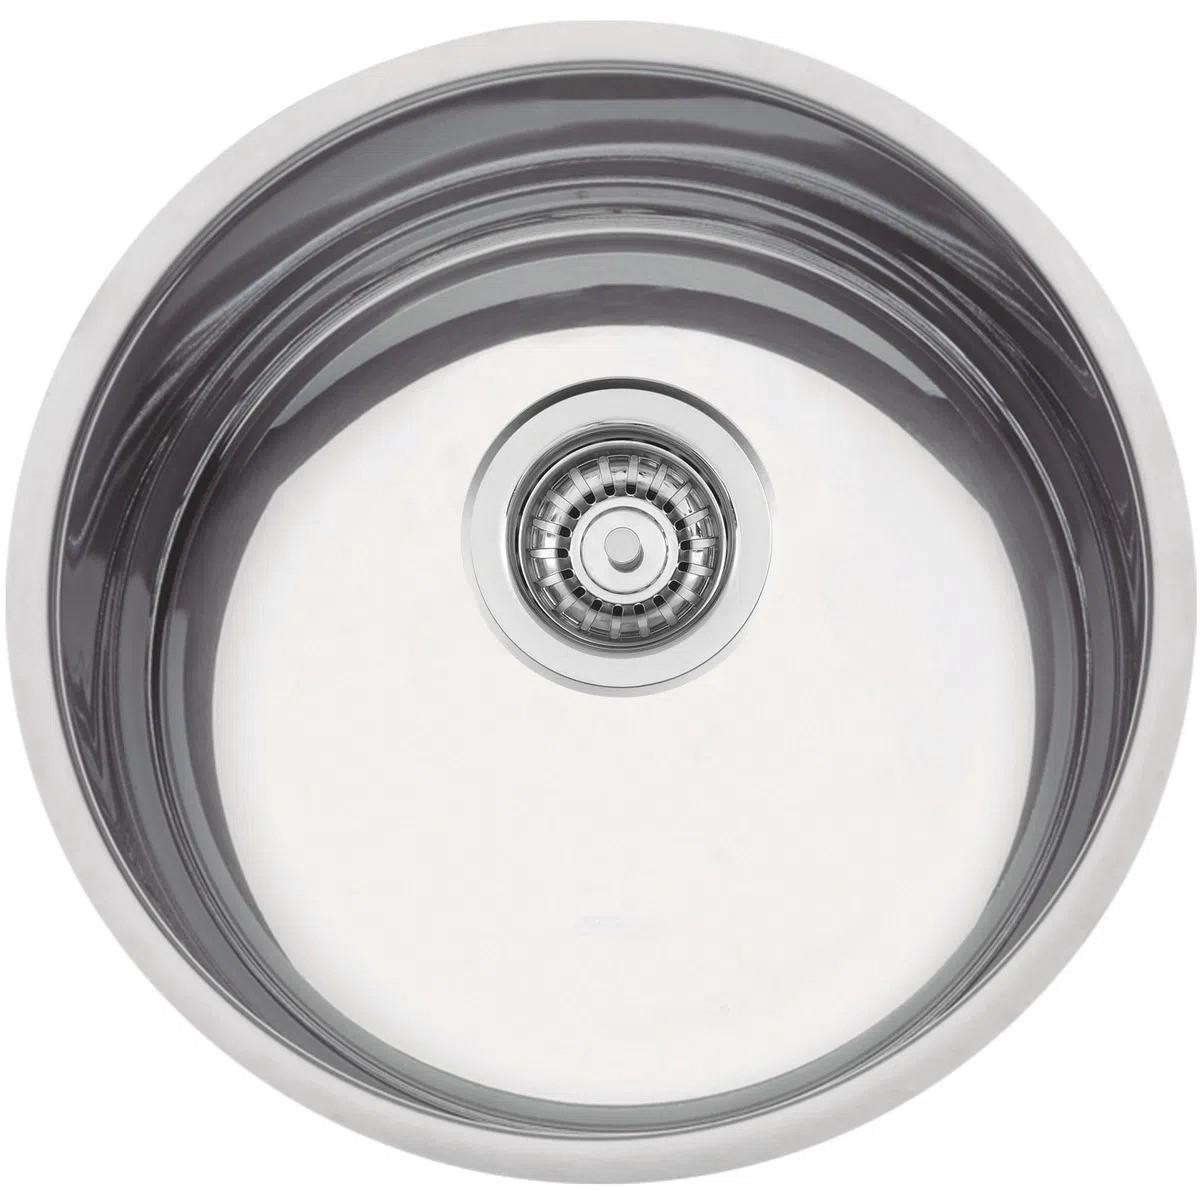 Cuba de embutir Tramontina Luna 30 BL em Aço Inox Polido Ø 30cm  - DOTEC SHOP